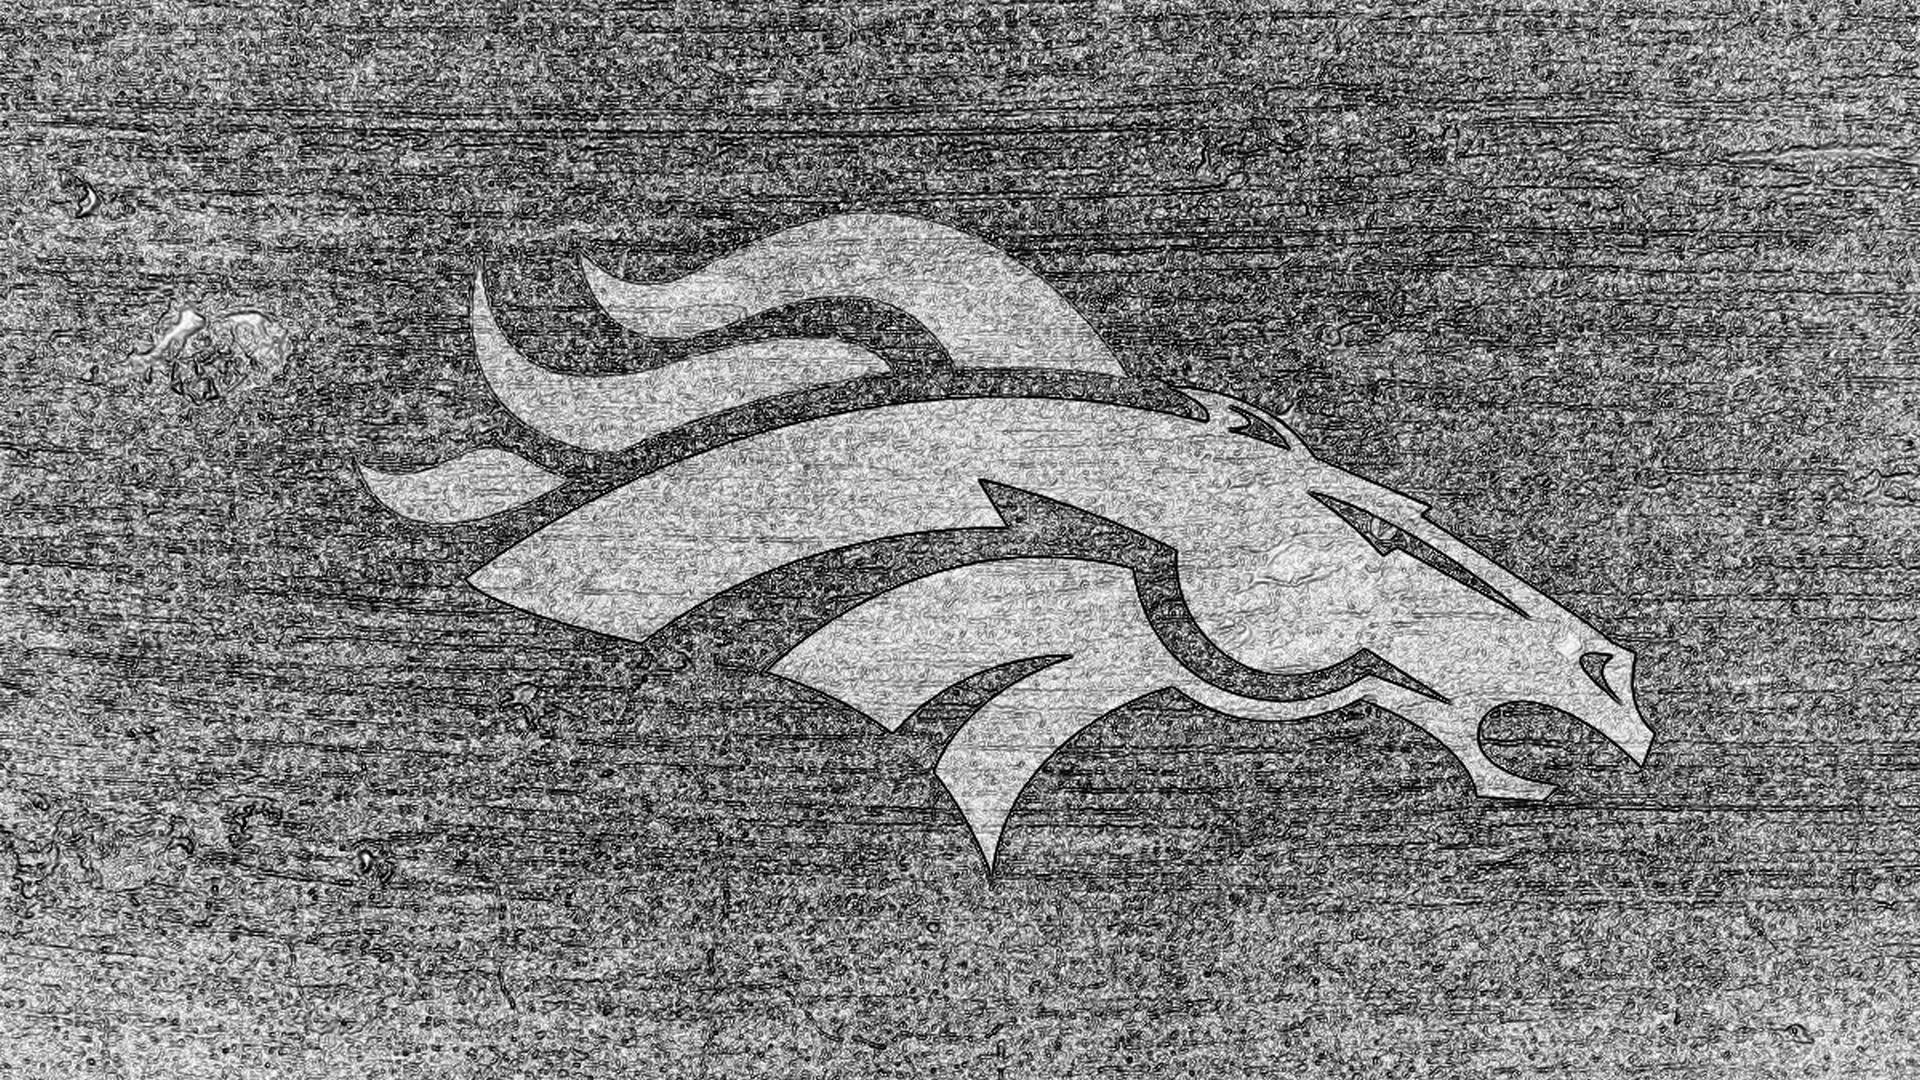 Denver Broncos Logo Sketch Bw On Concrete